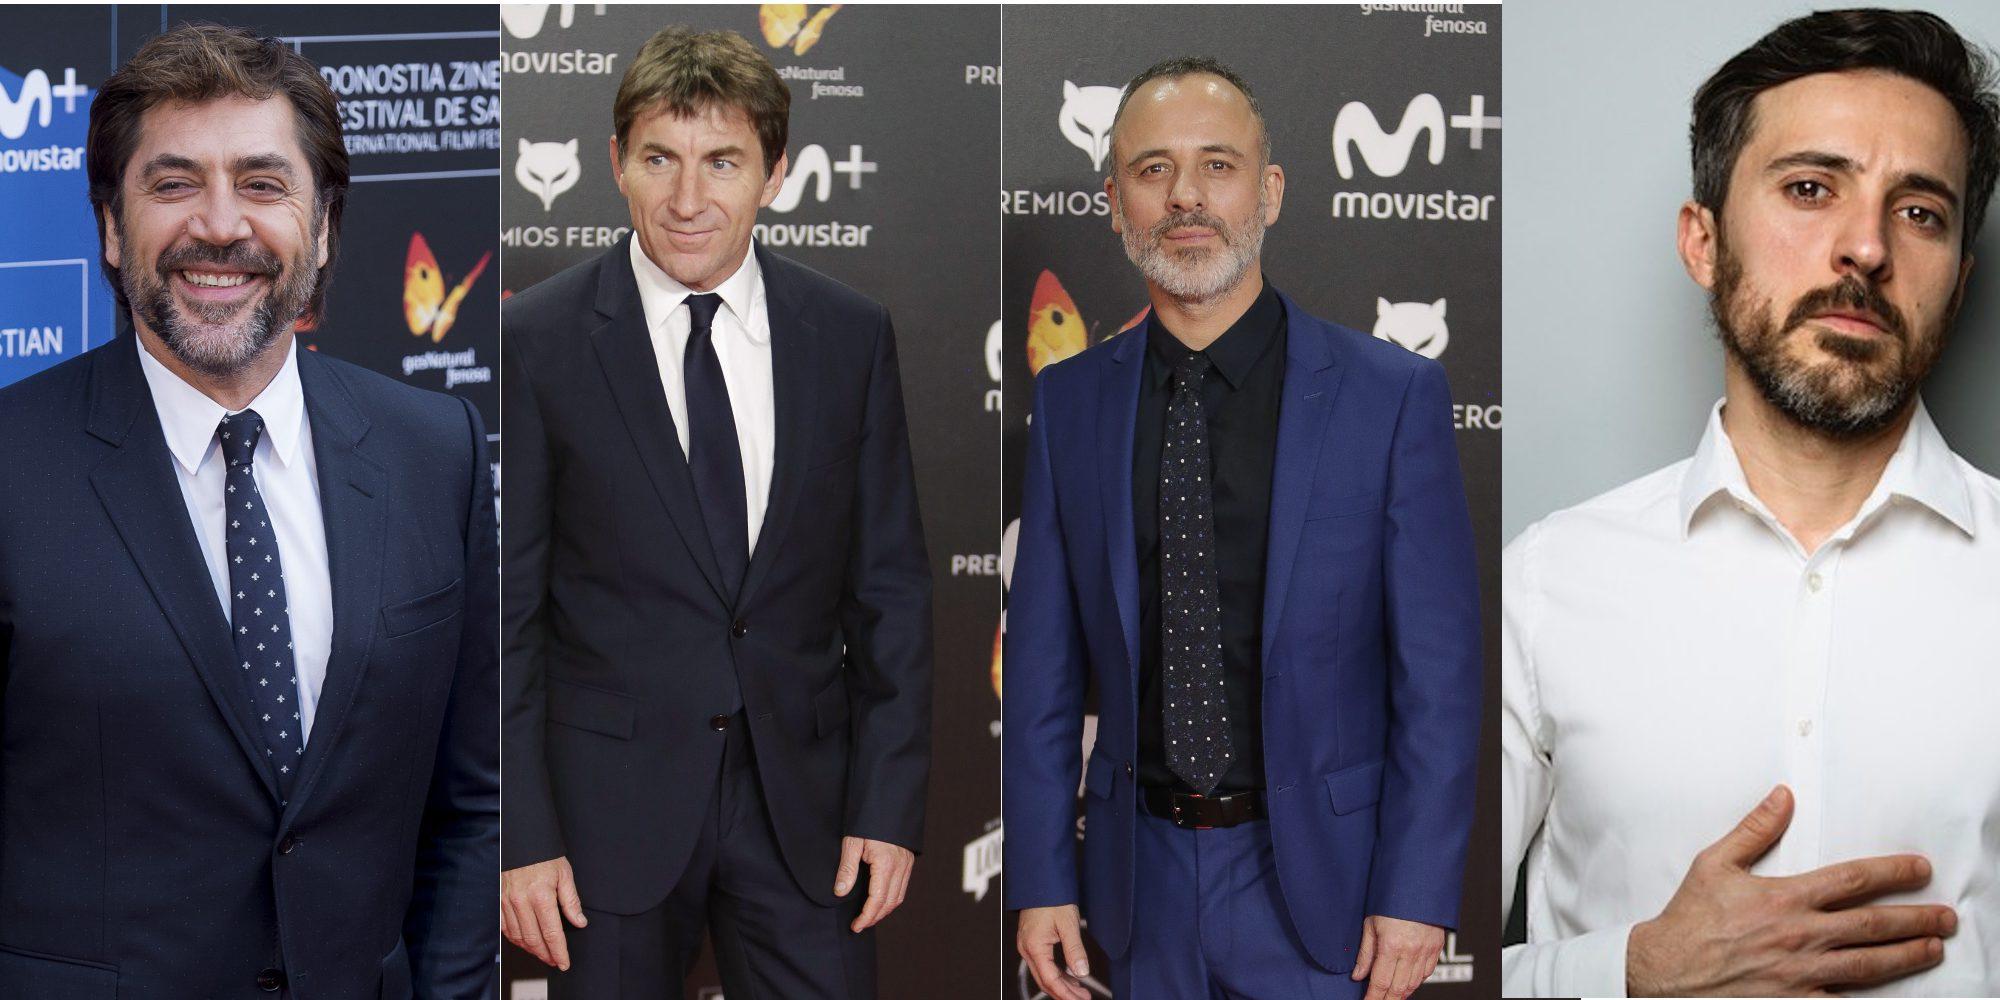 Javier Gutiérrez, Antonio de la Torre, Javier Bardem y Andrés Gertrúdix ¿quién ganará el Goya al Mejor Actor?